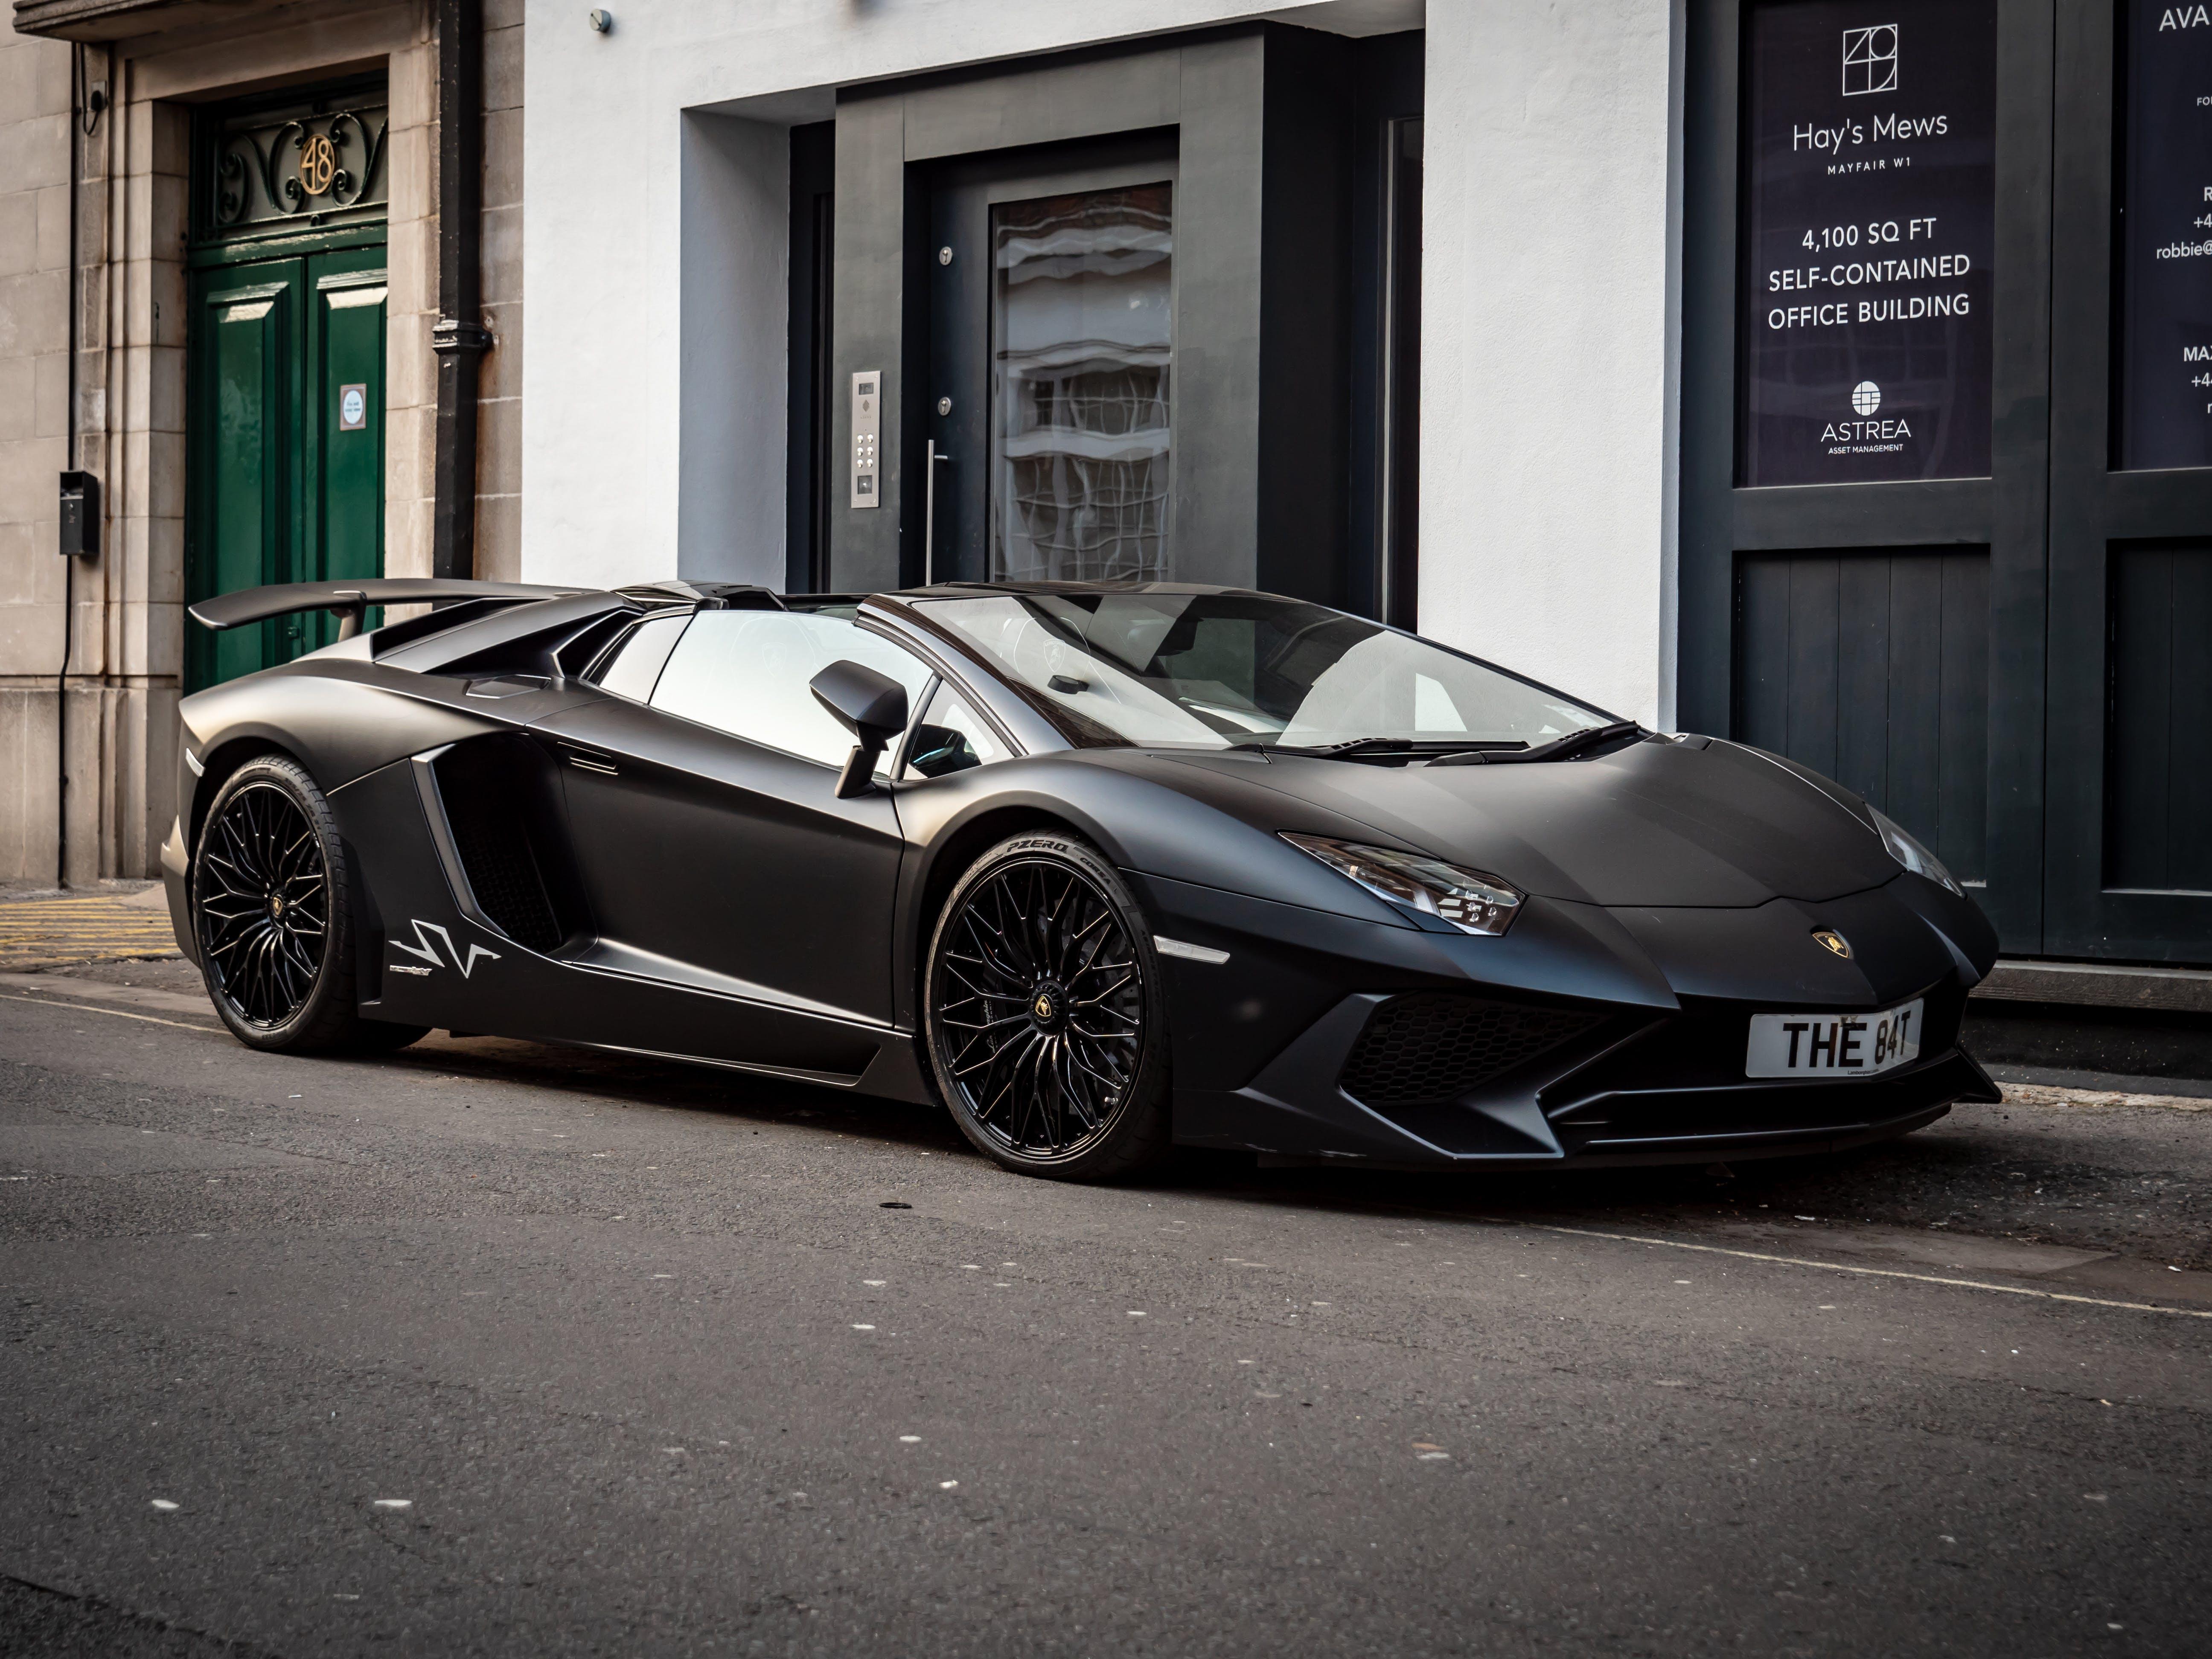 Free stock photo of black car, cabrio, convertible, Lamborghini